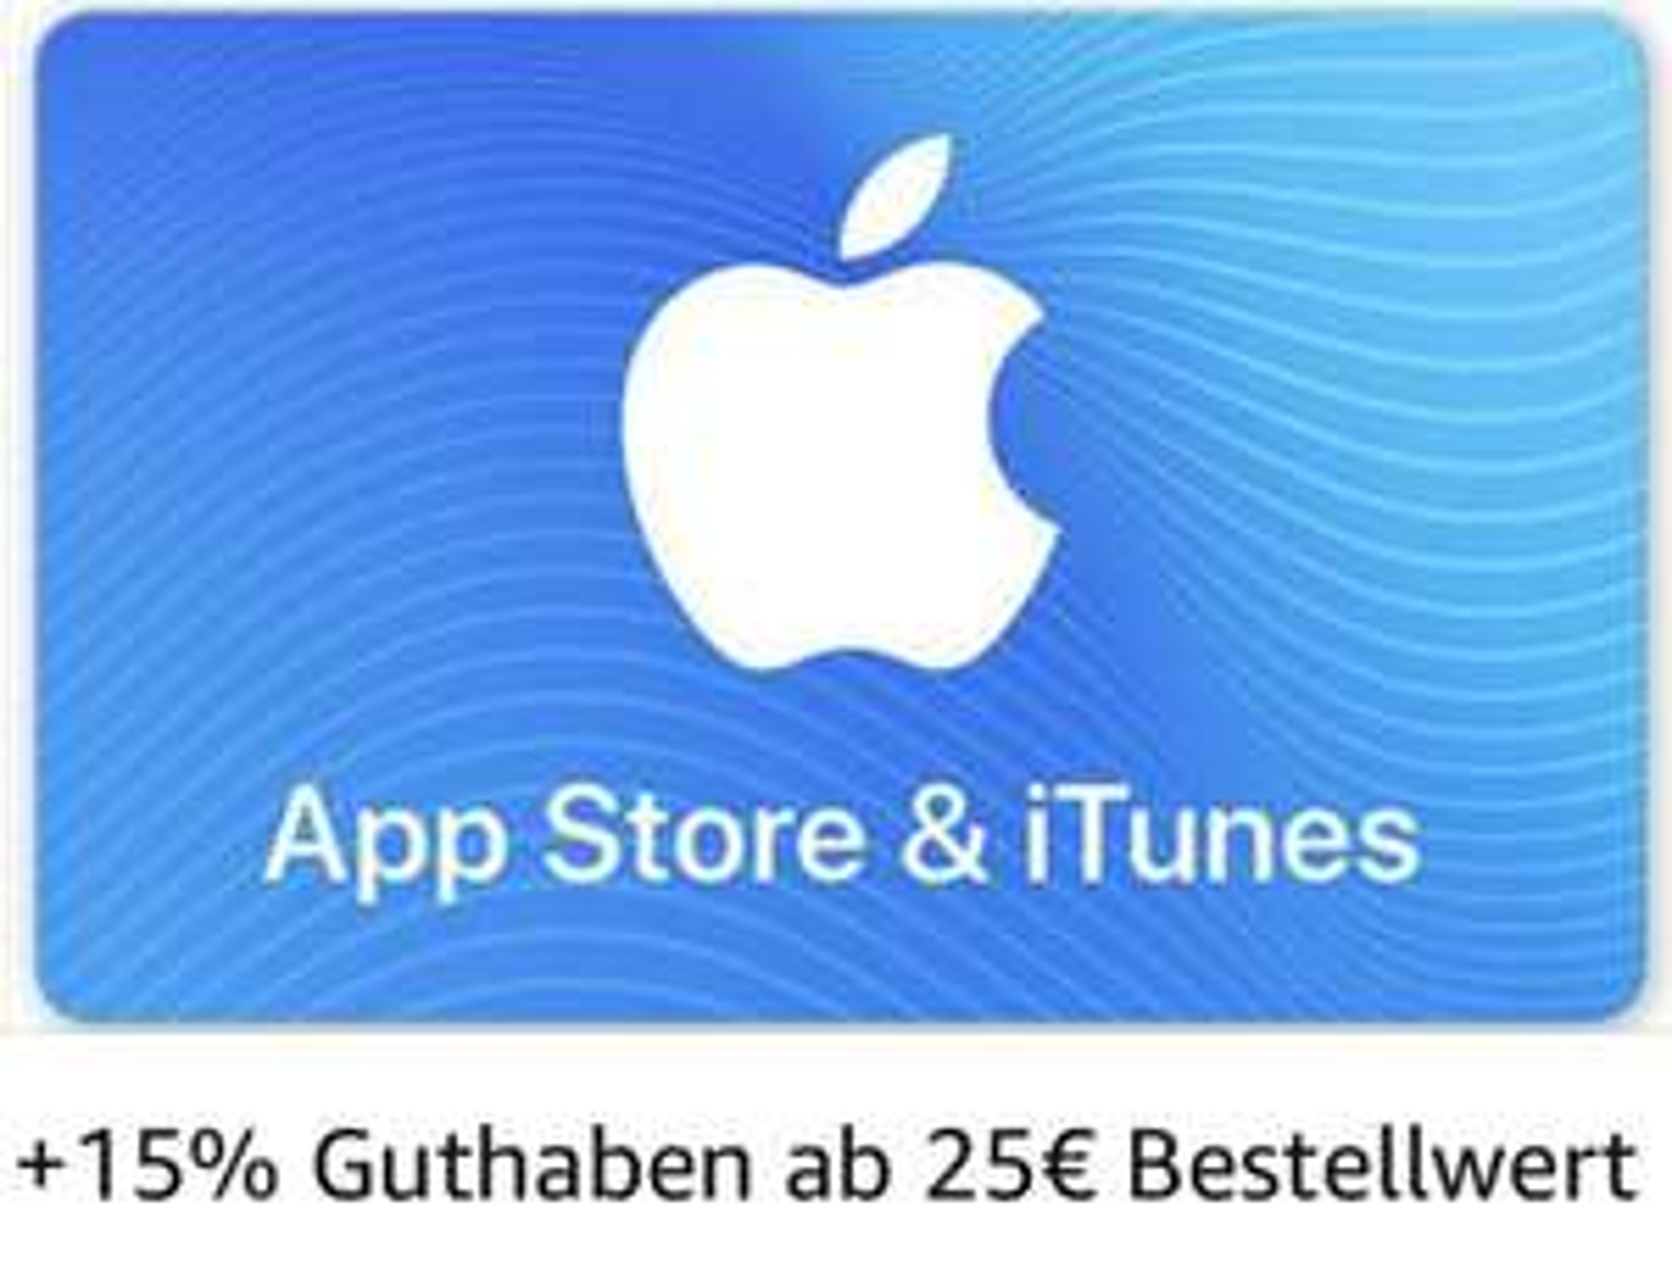 15% mehr Guthaben im App Store & bei iTunes - 25€, 50€ o. 100€ möglich [Amazon]